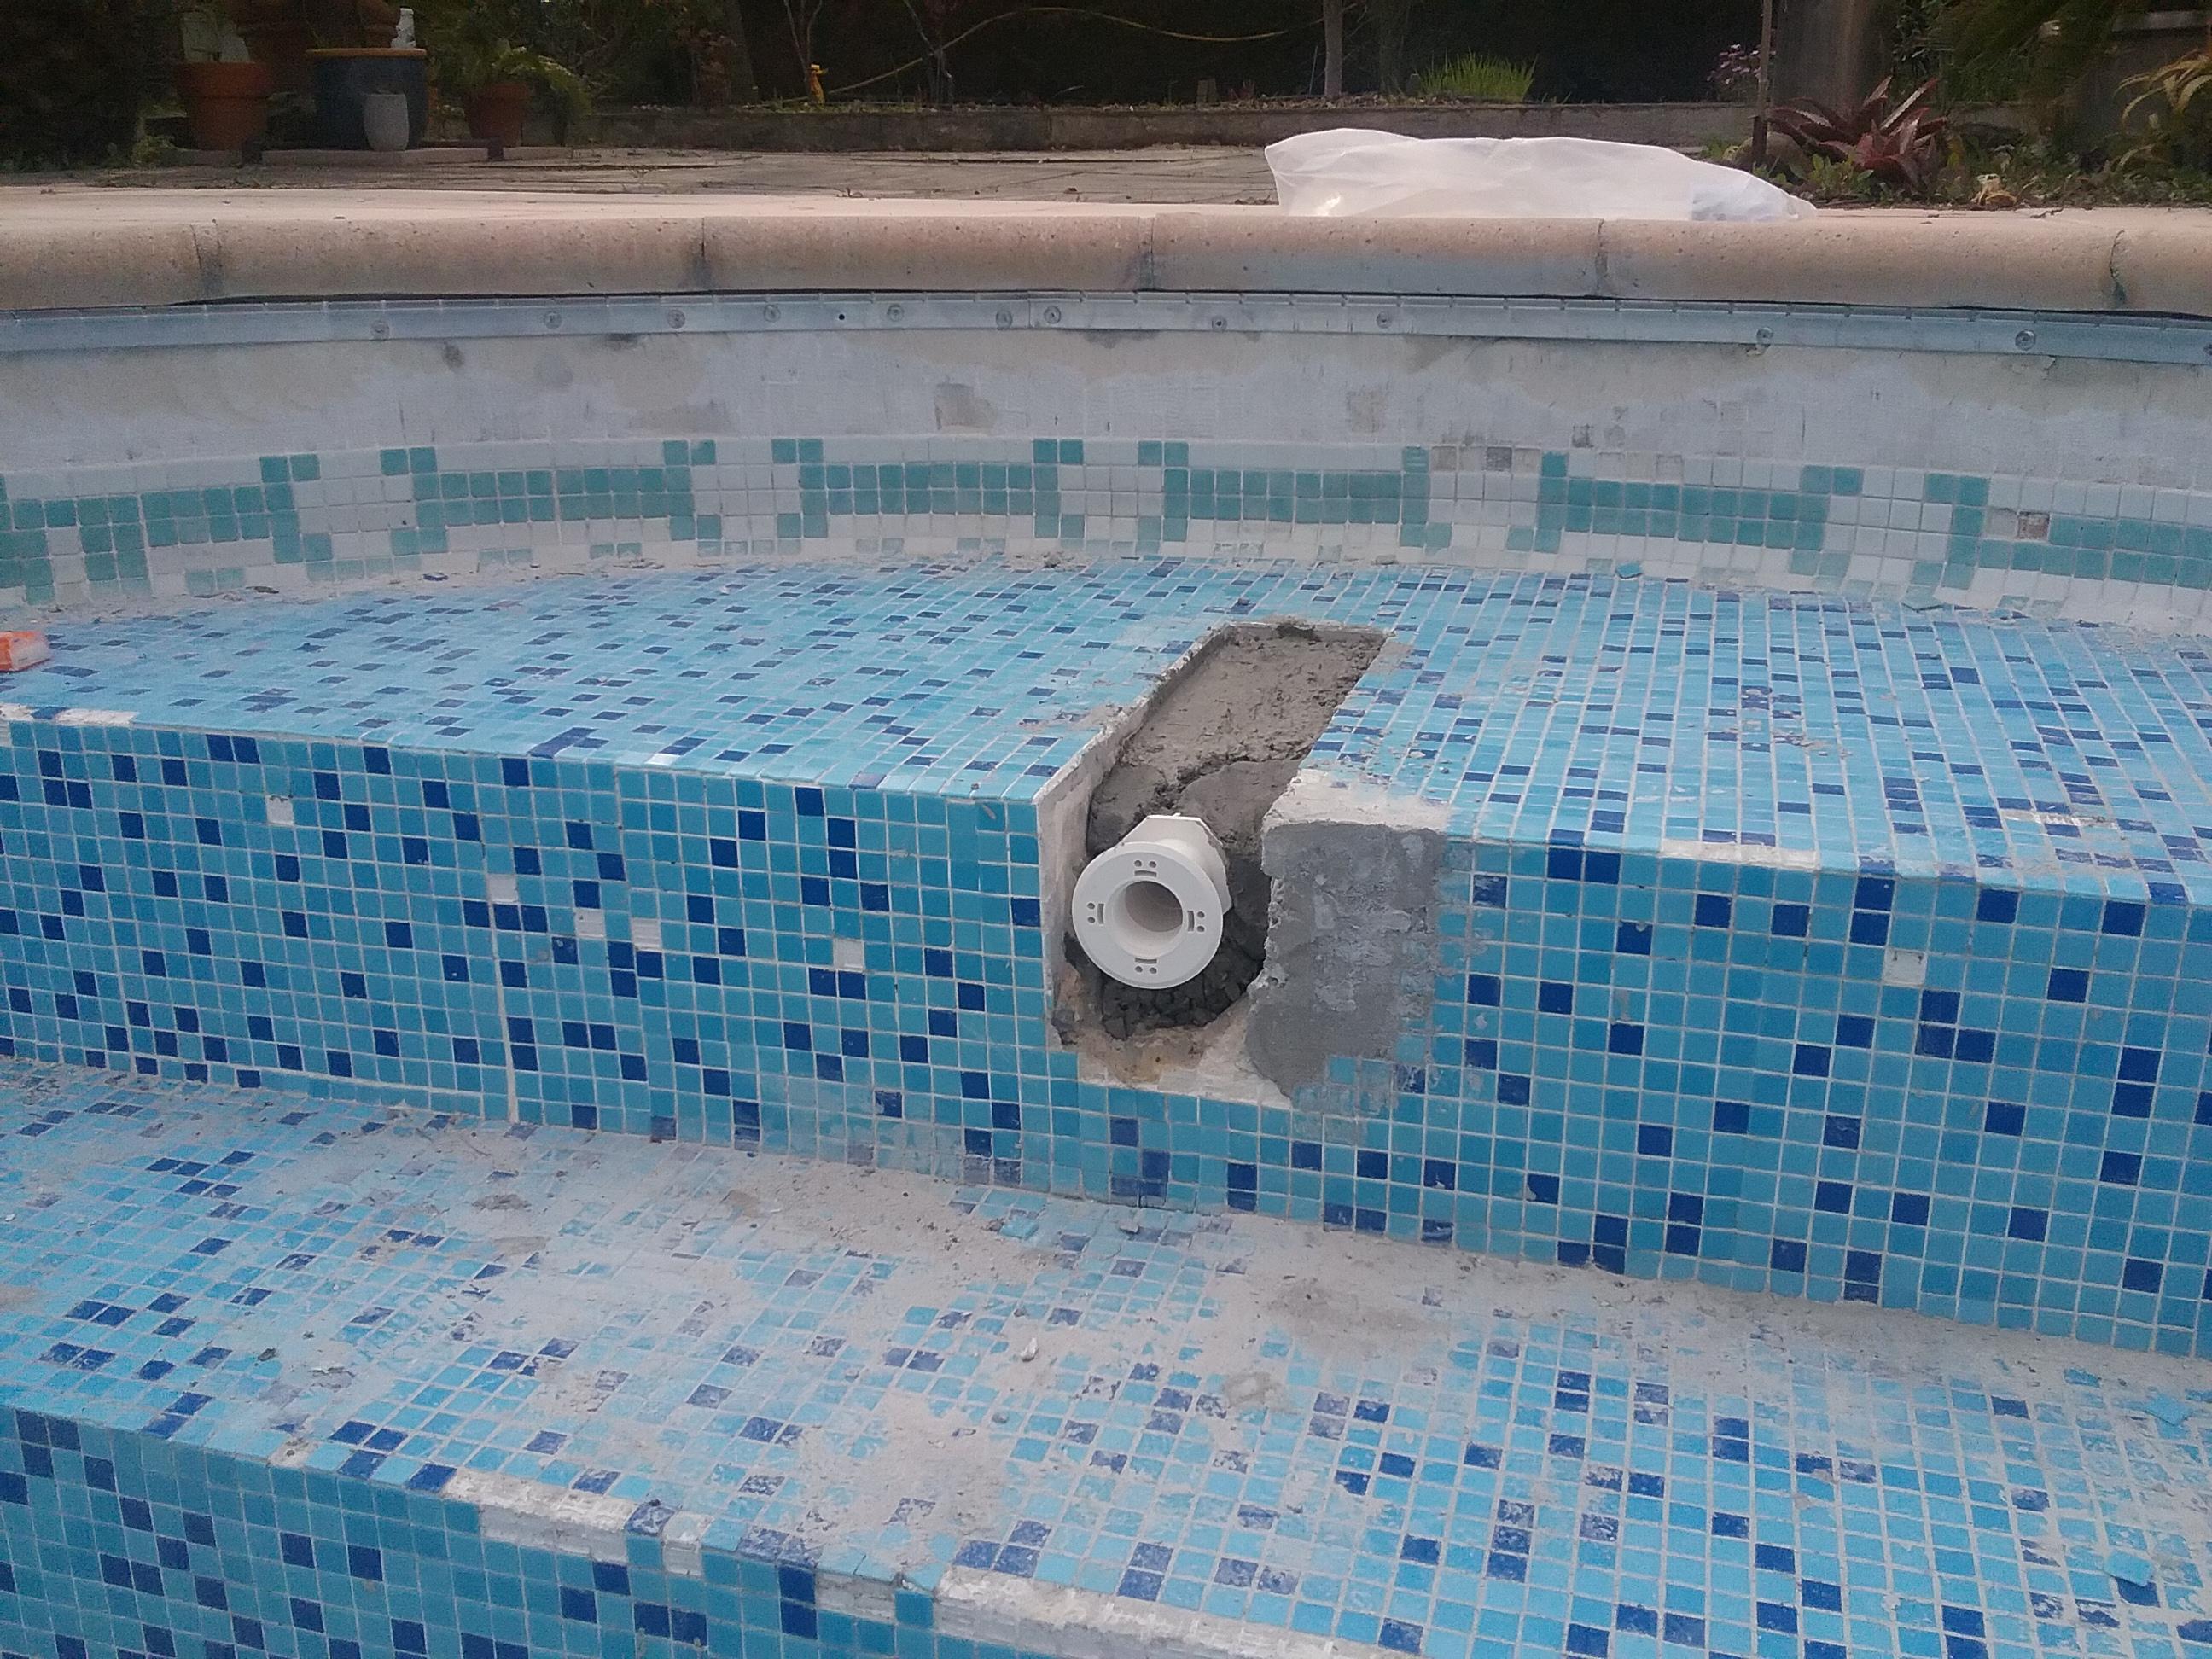 Remplacer Un Carreau De Carrelage rénovation piscine carrelée - changer le revêtement d'une